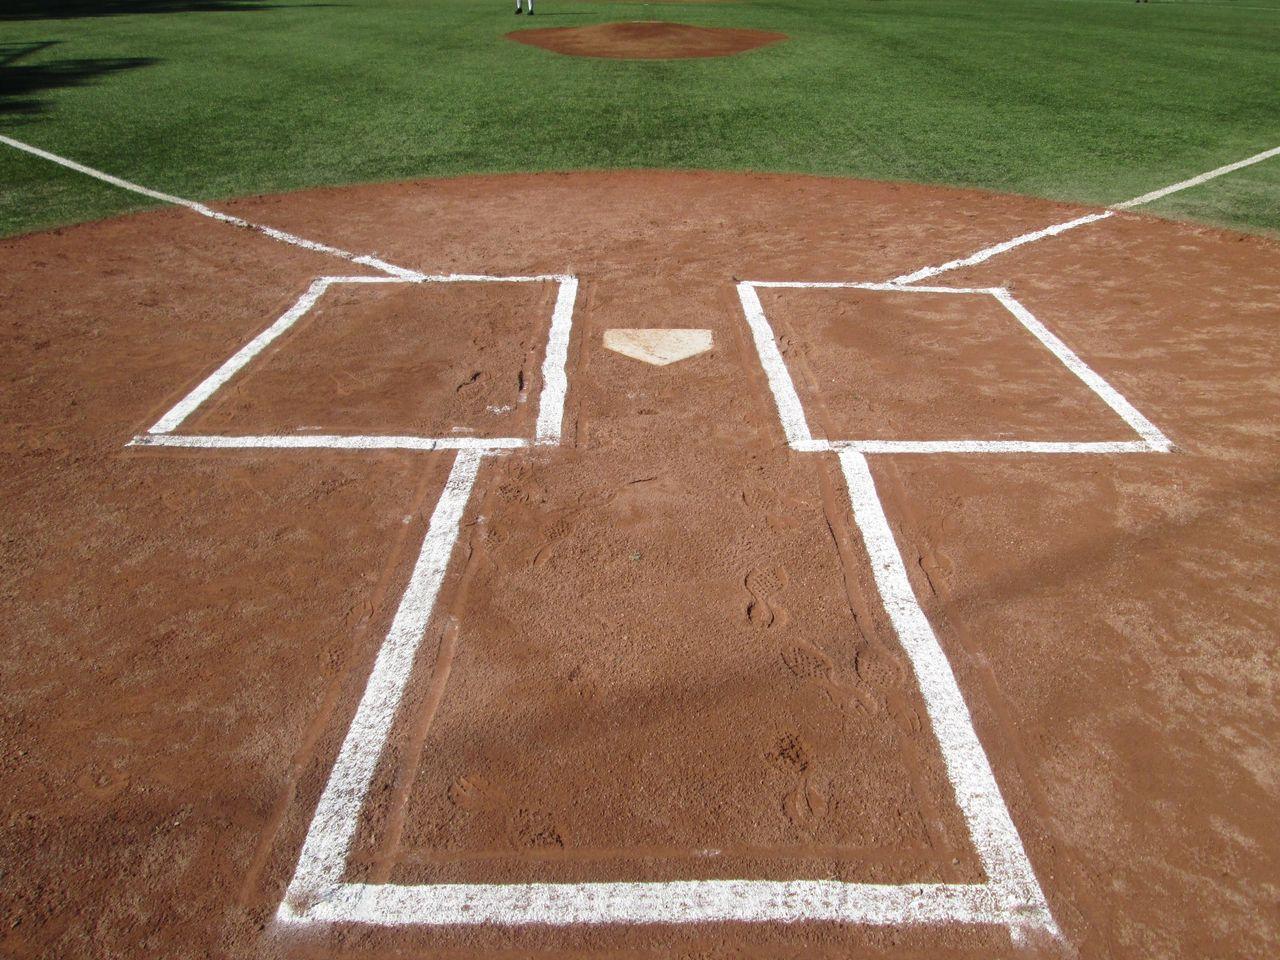 f:id:baseballNPB:20181006165750j:plain